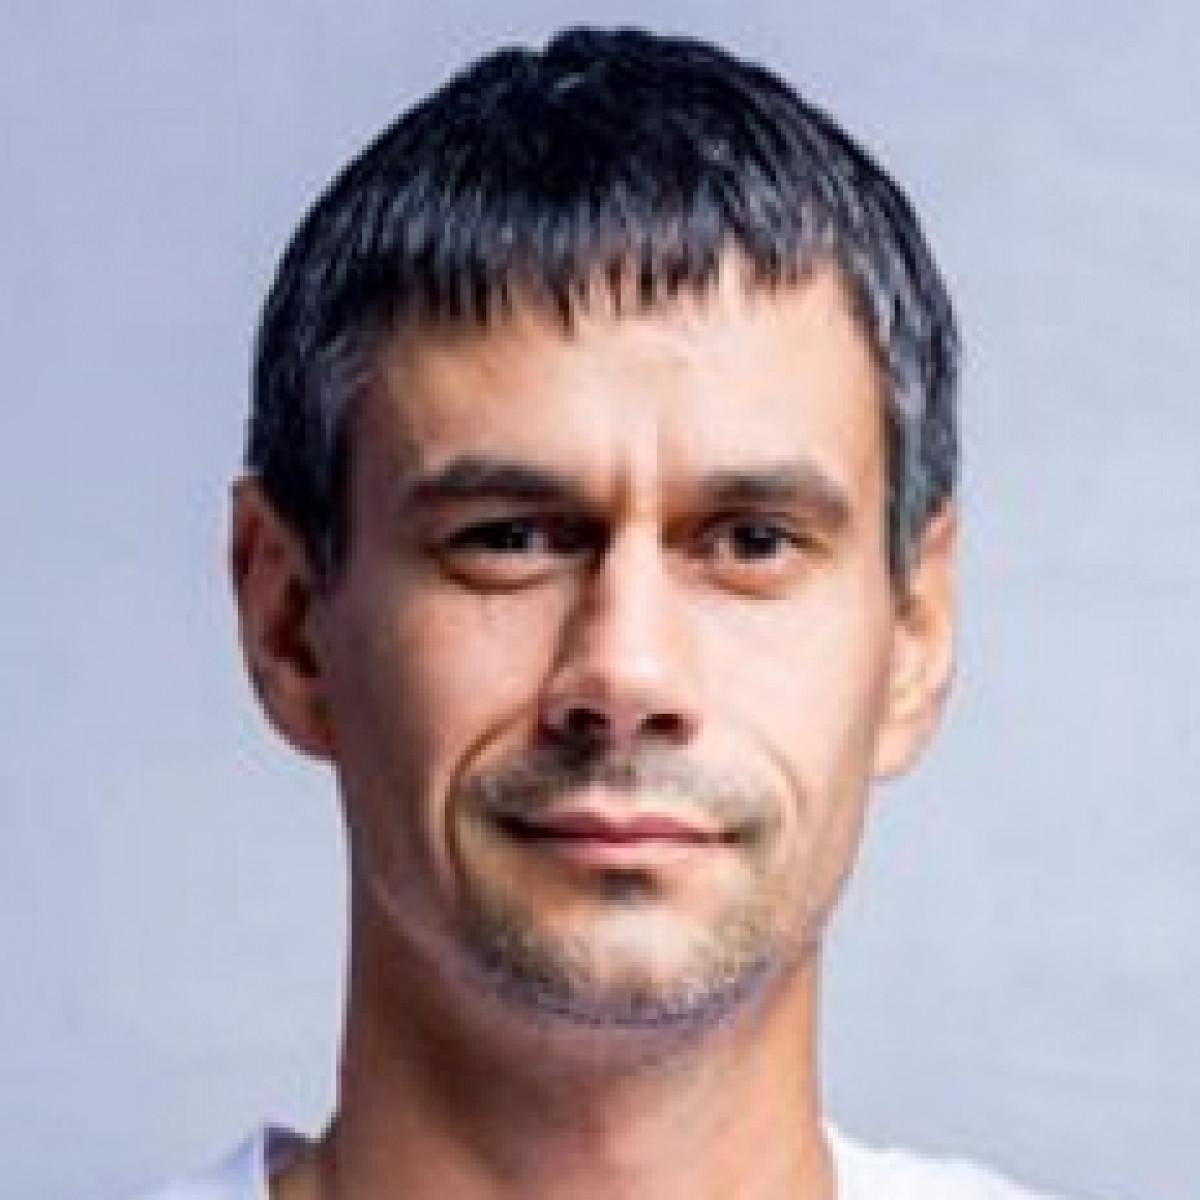 Olexiy Onufriyev